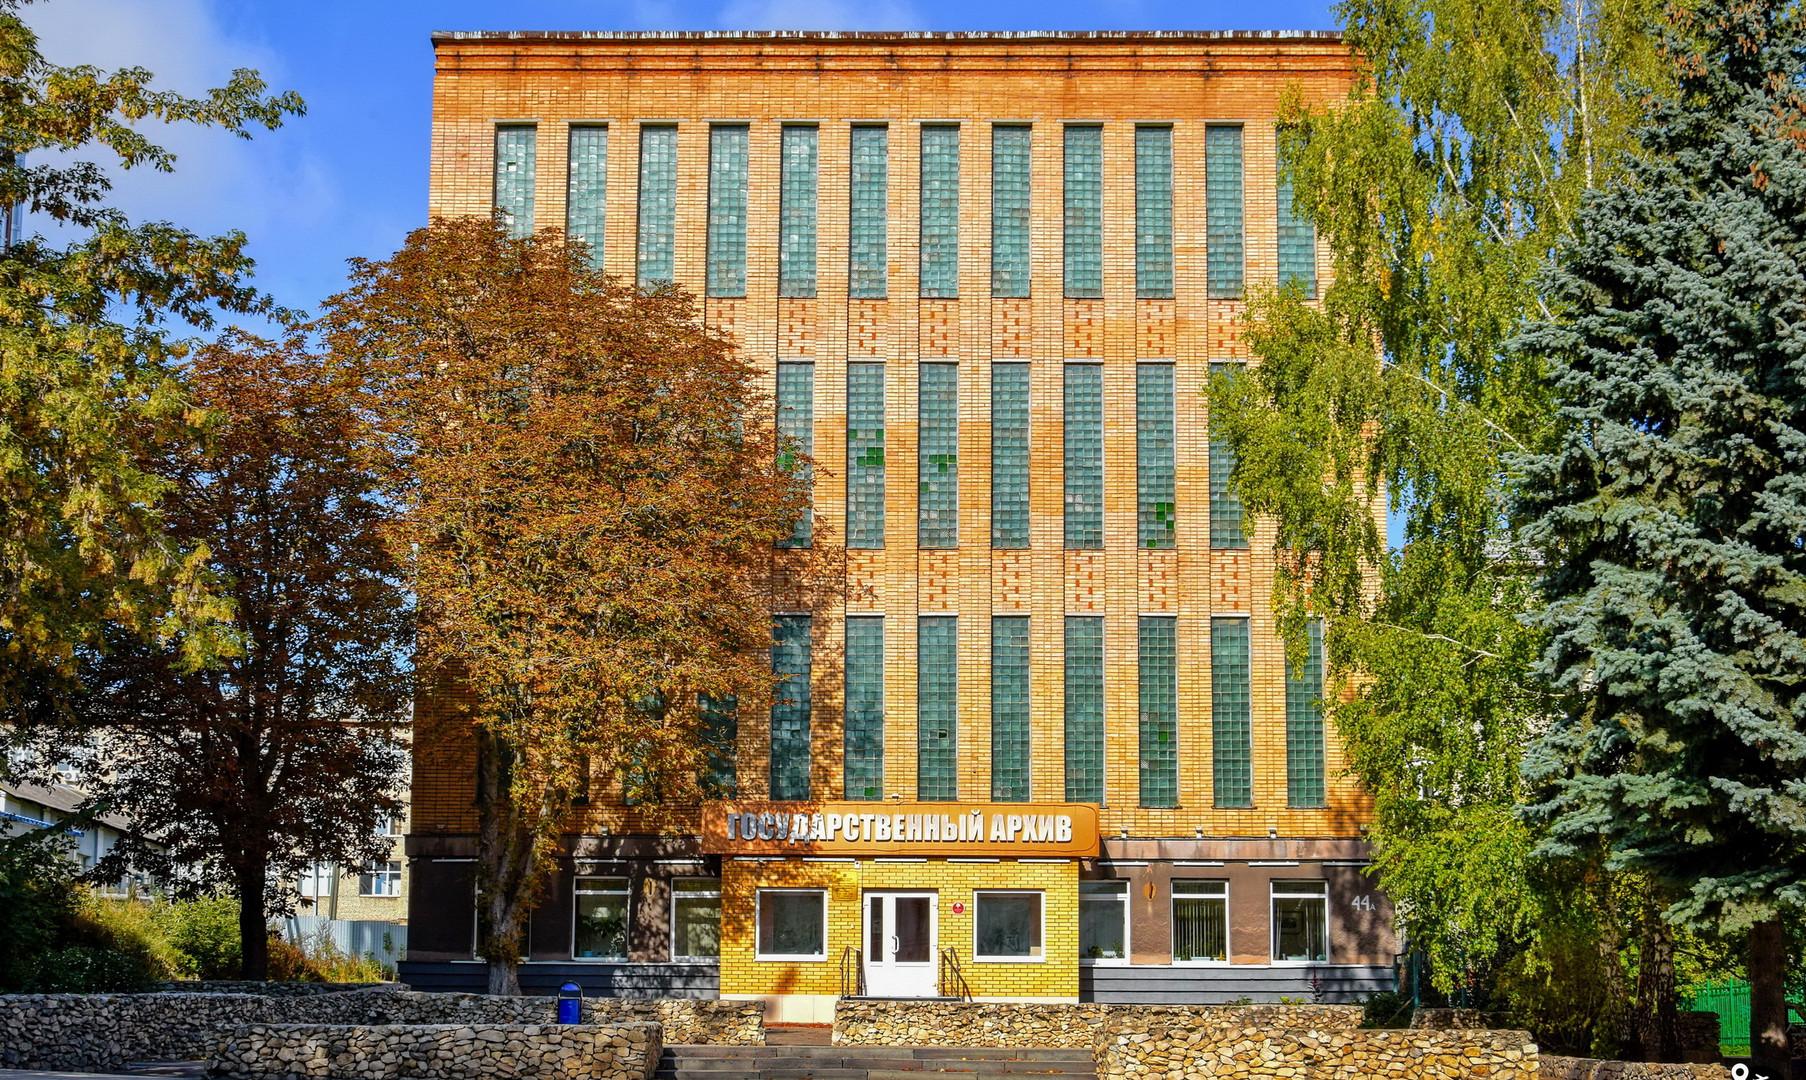 Государственный архив, Тула